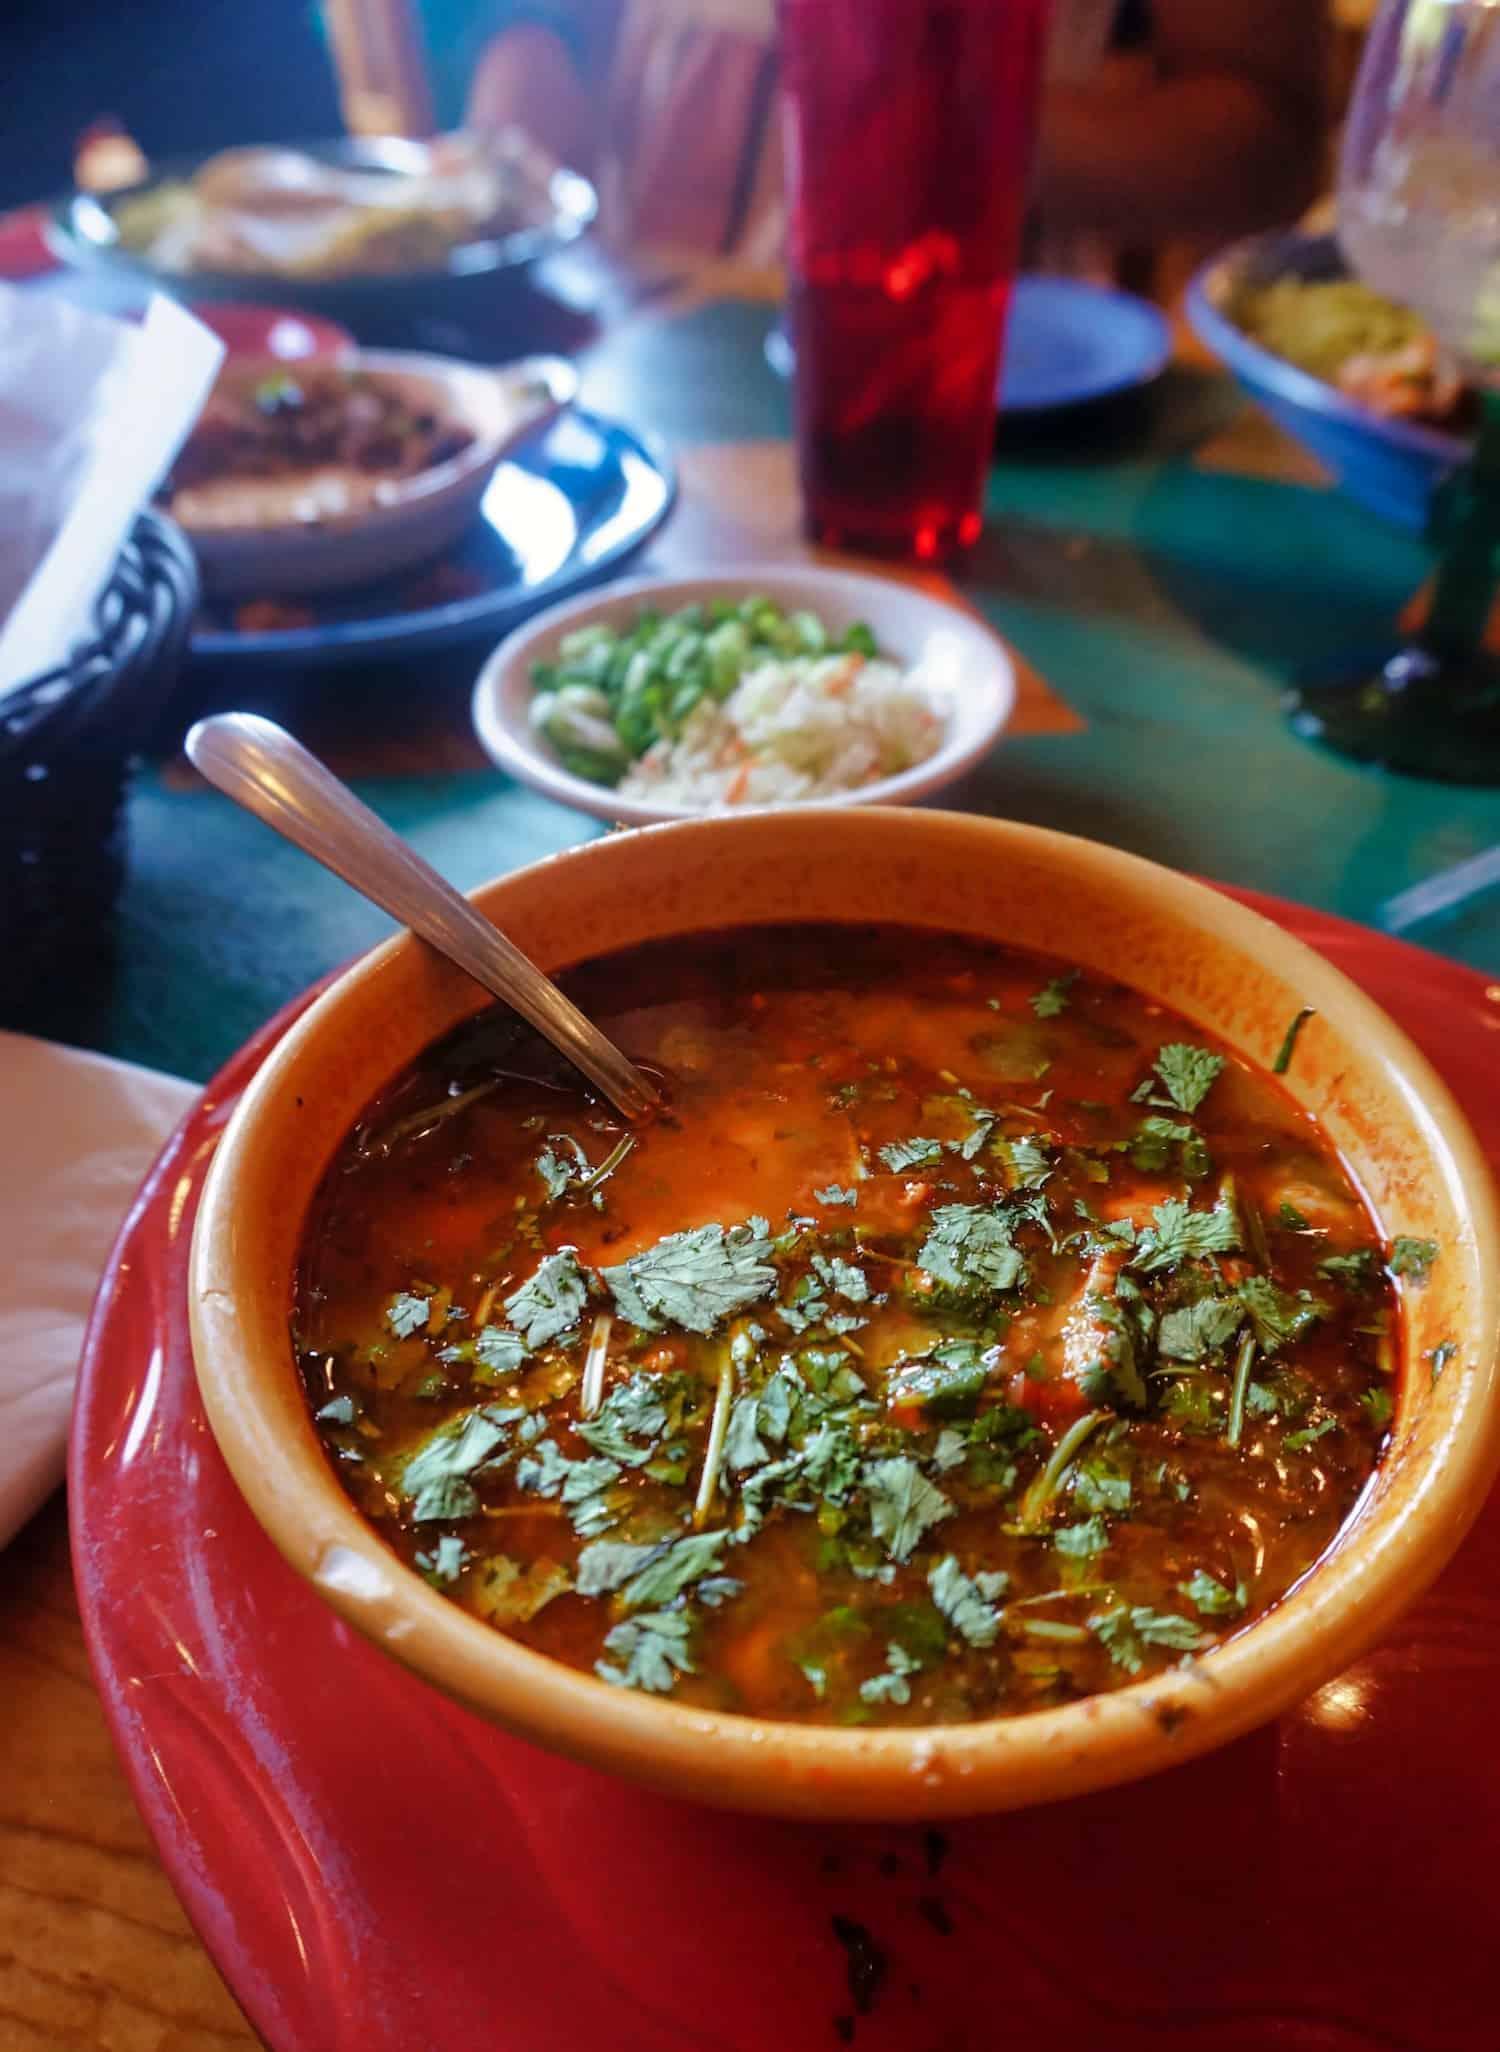 Sedona Food - Mexican